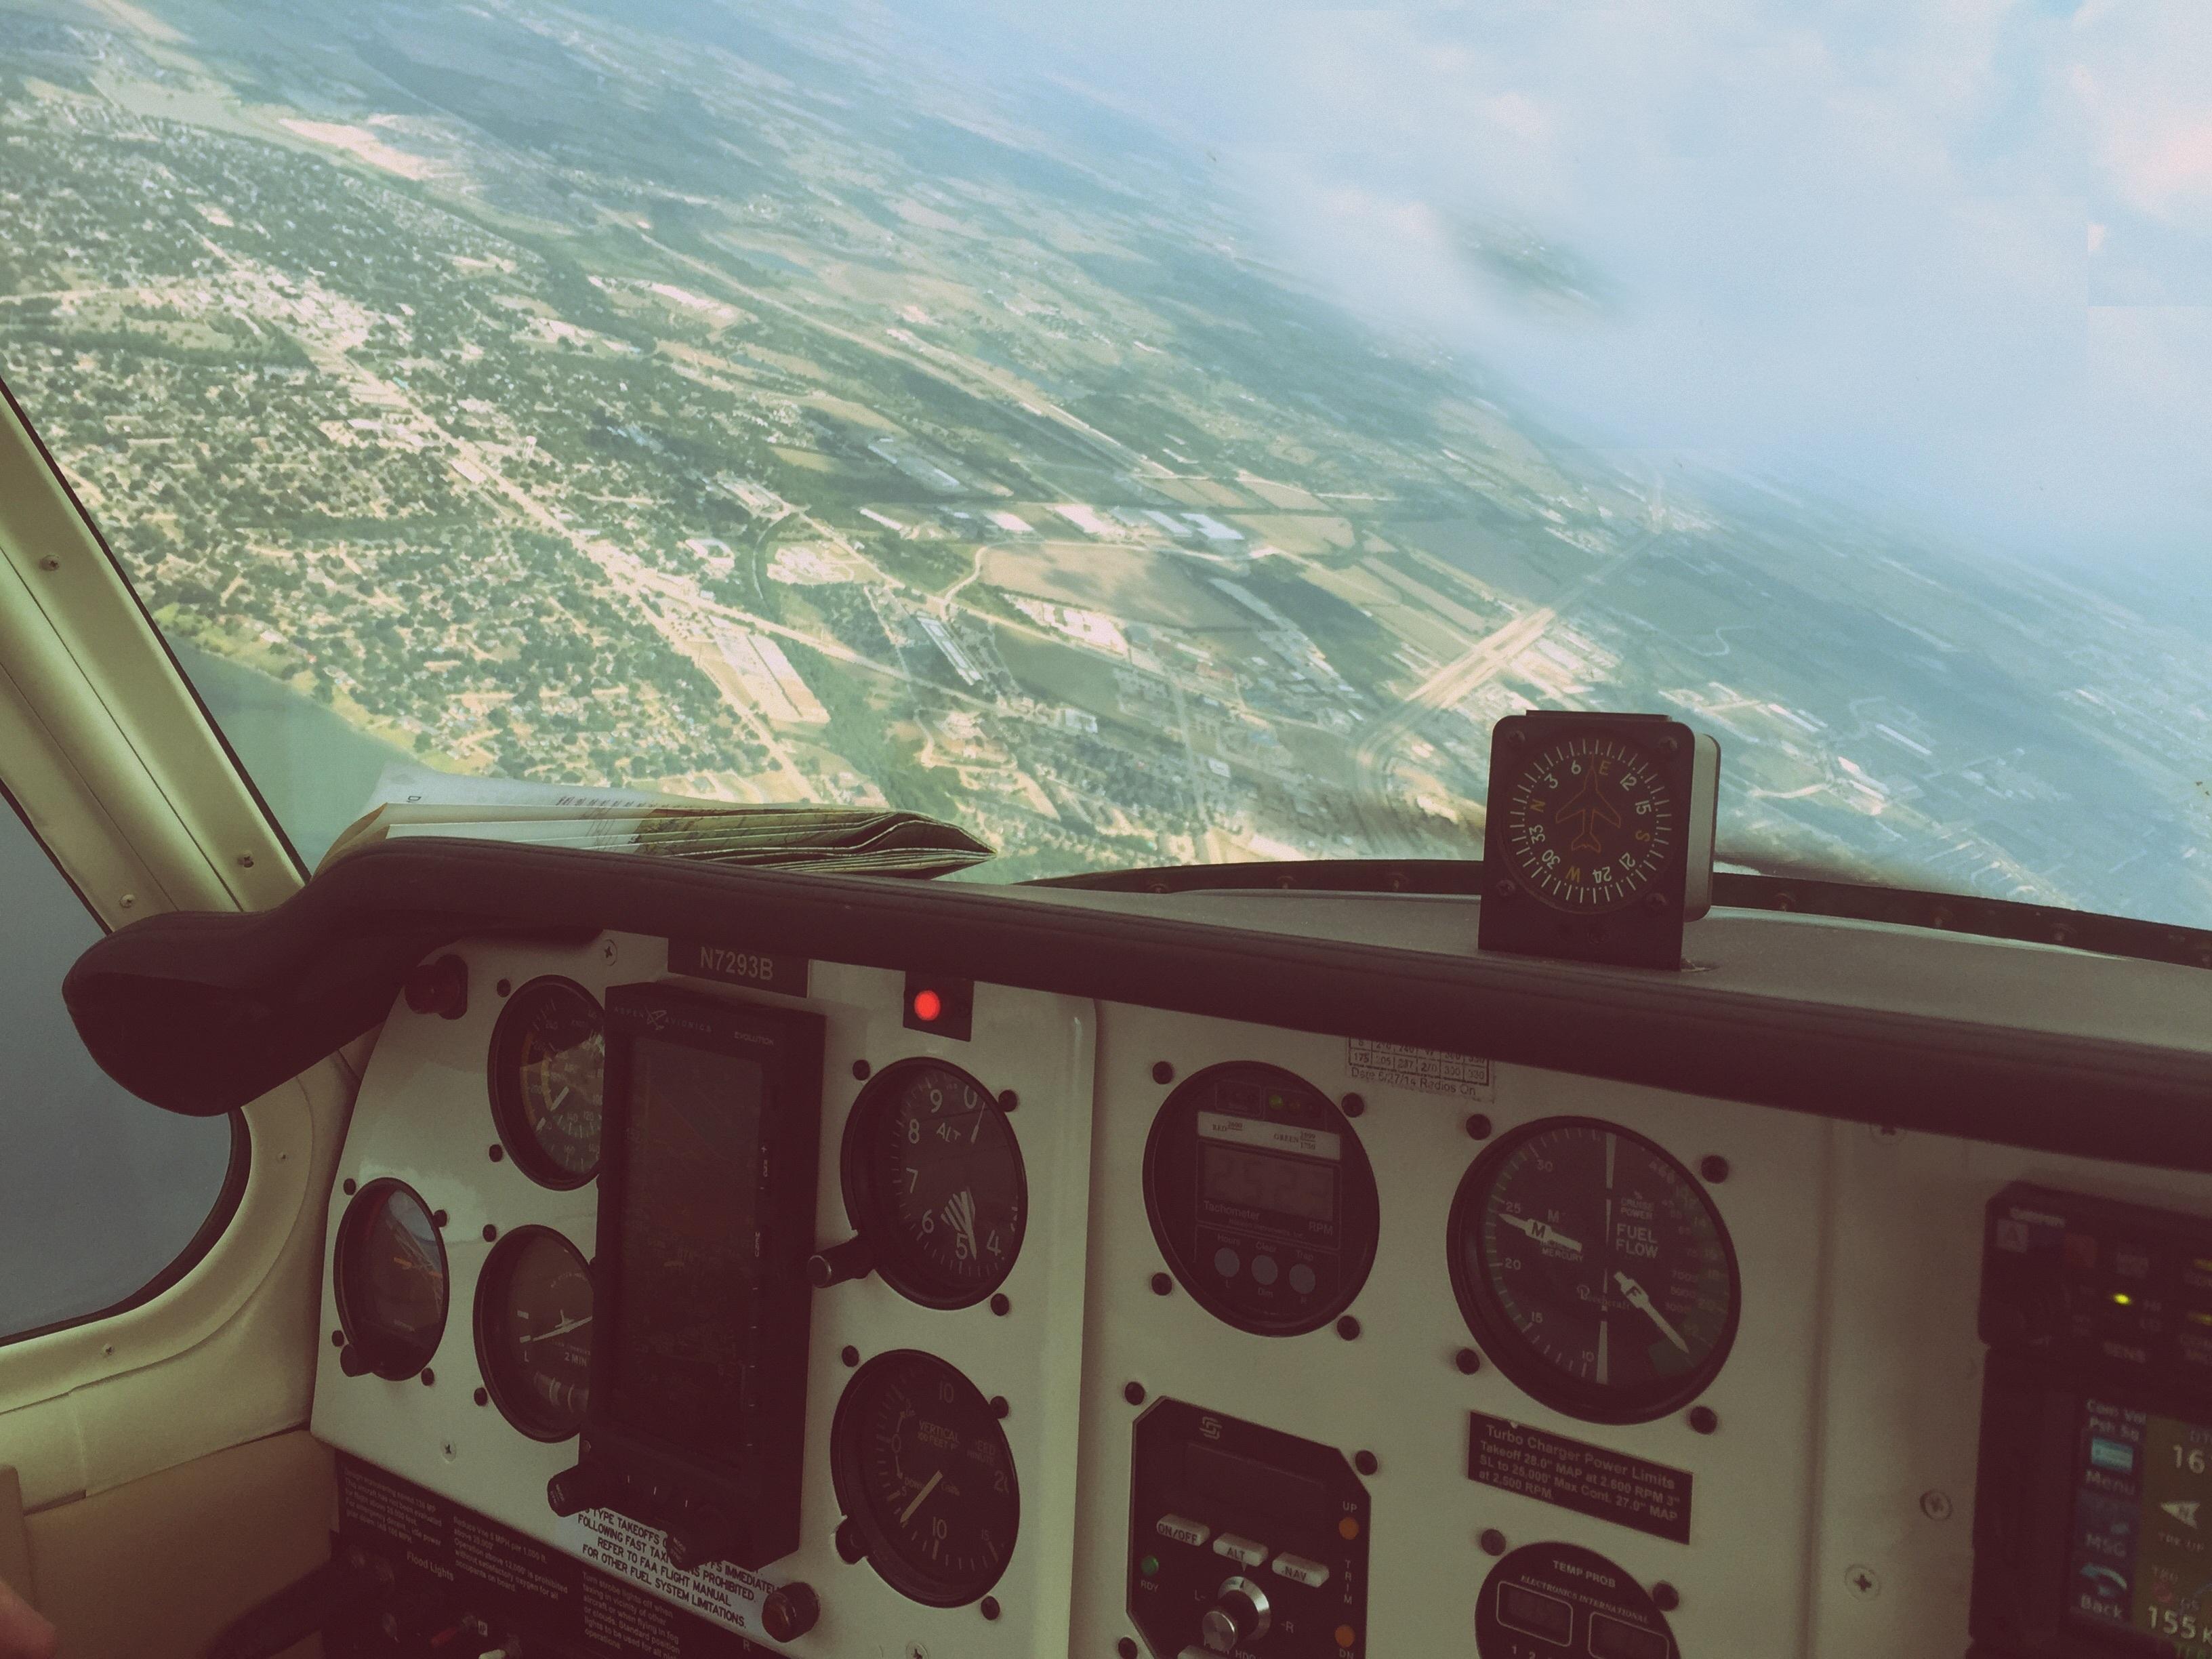 Lento yhtiön lentäjät dating